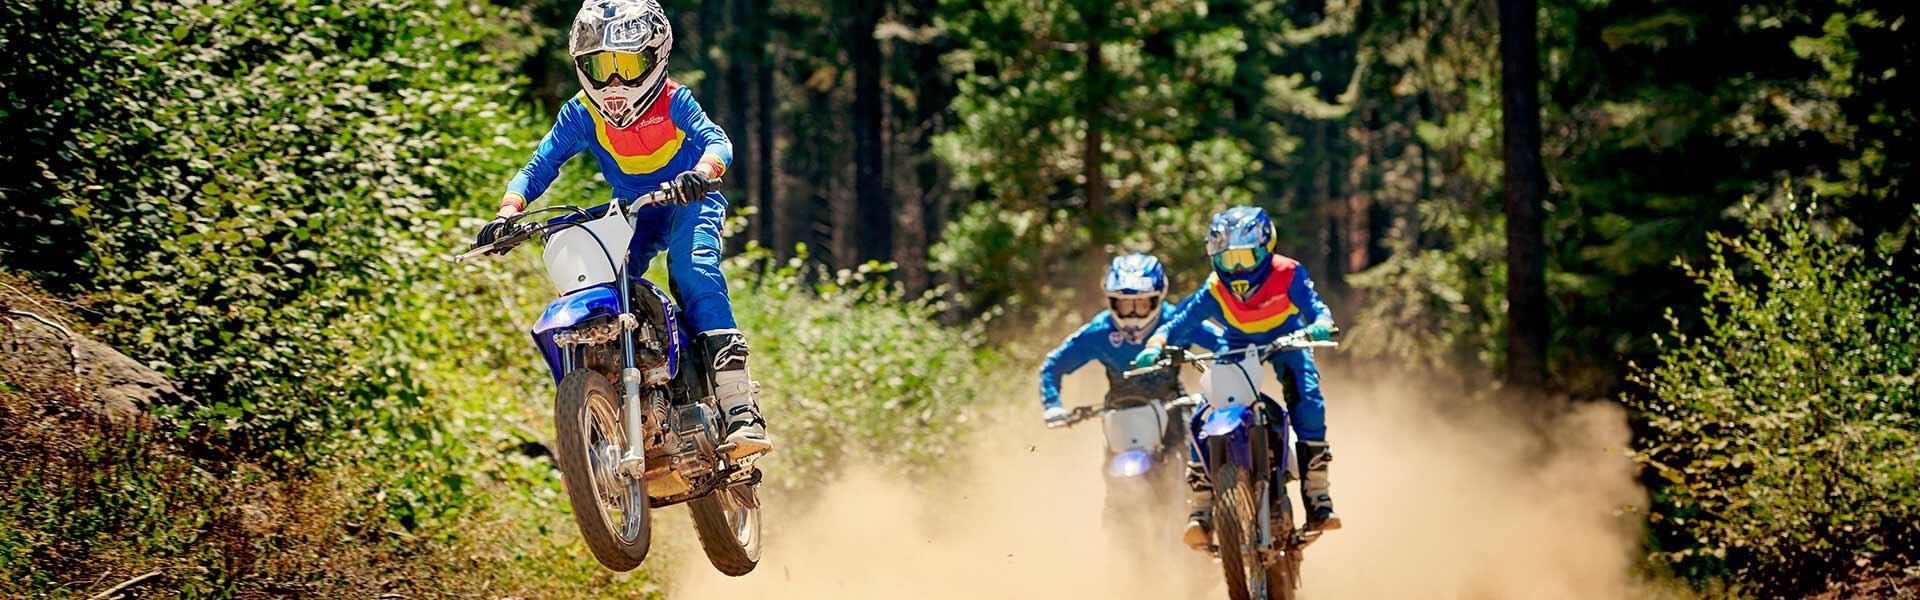 Yamaha Off-Road Fun